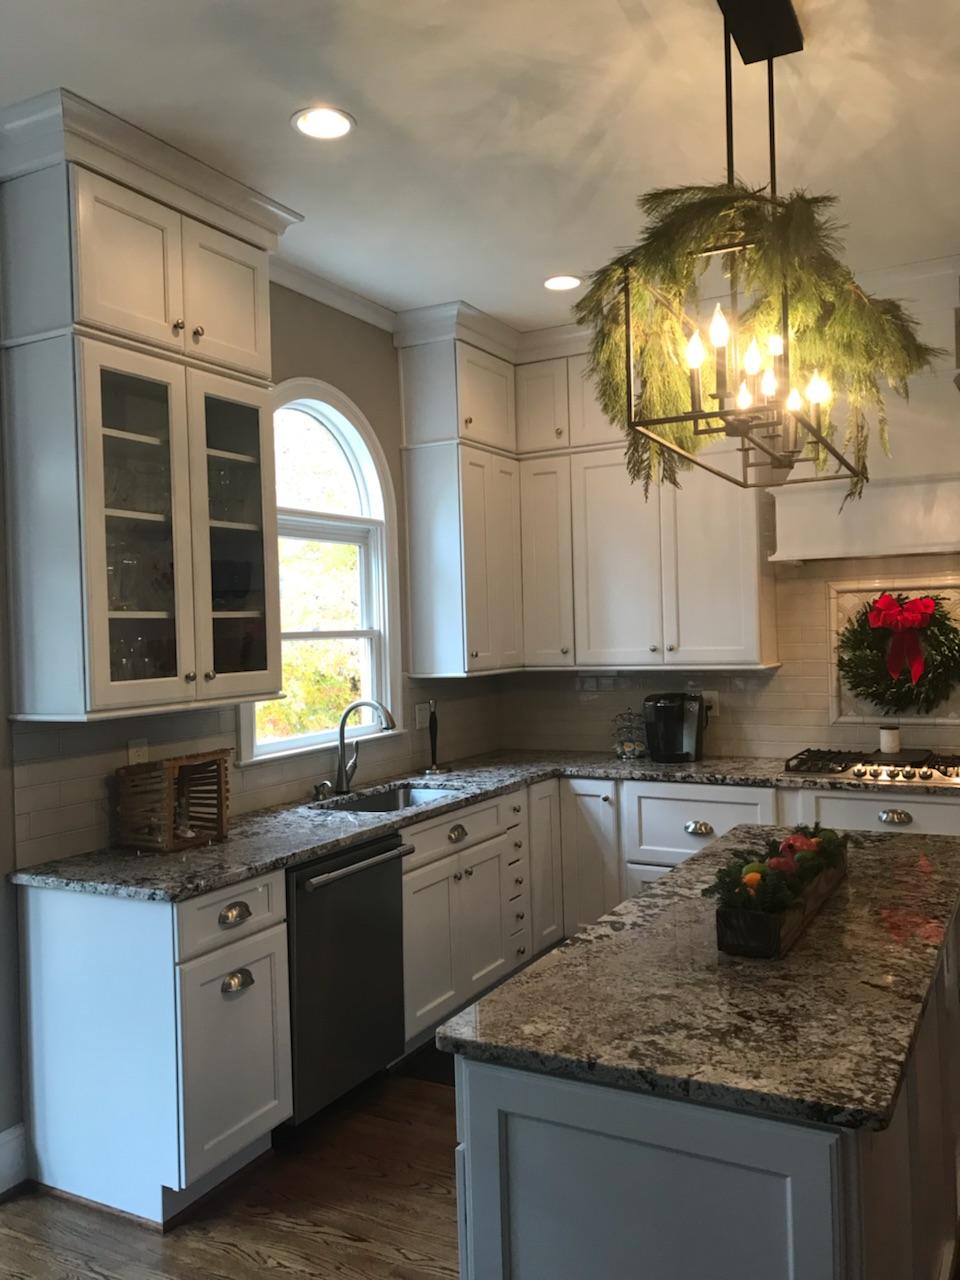 Oliver remodel kitchen 2